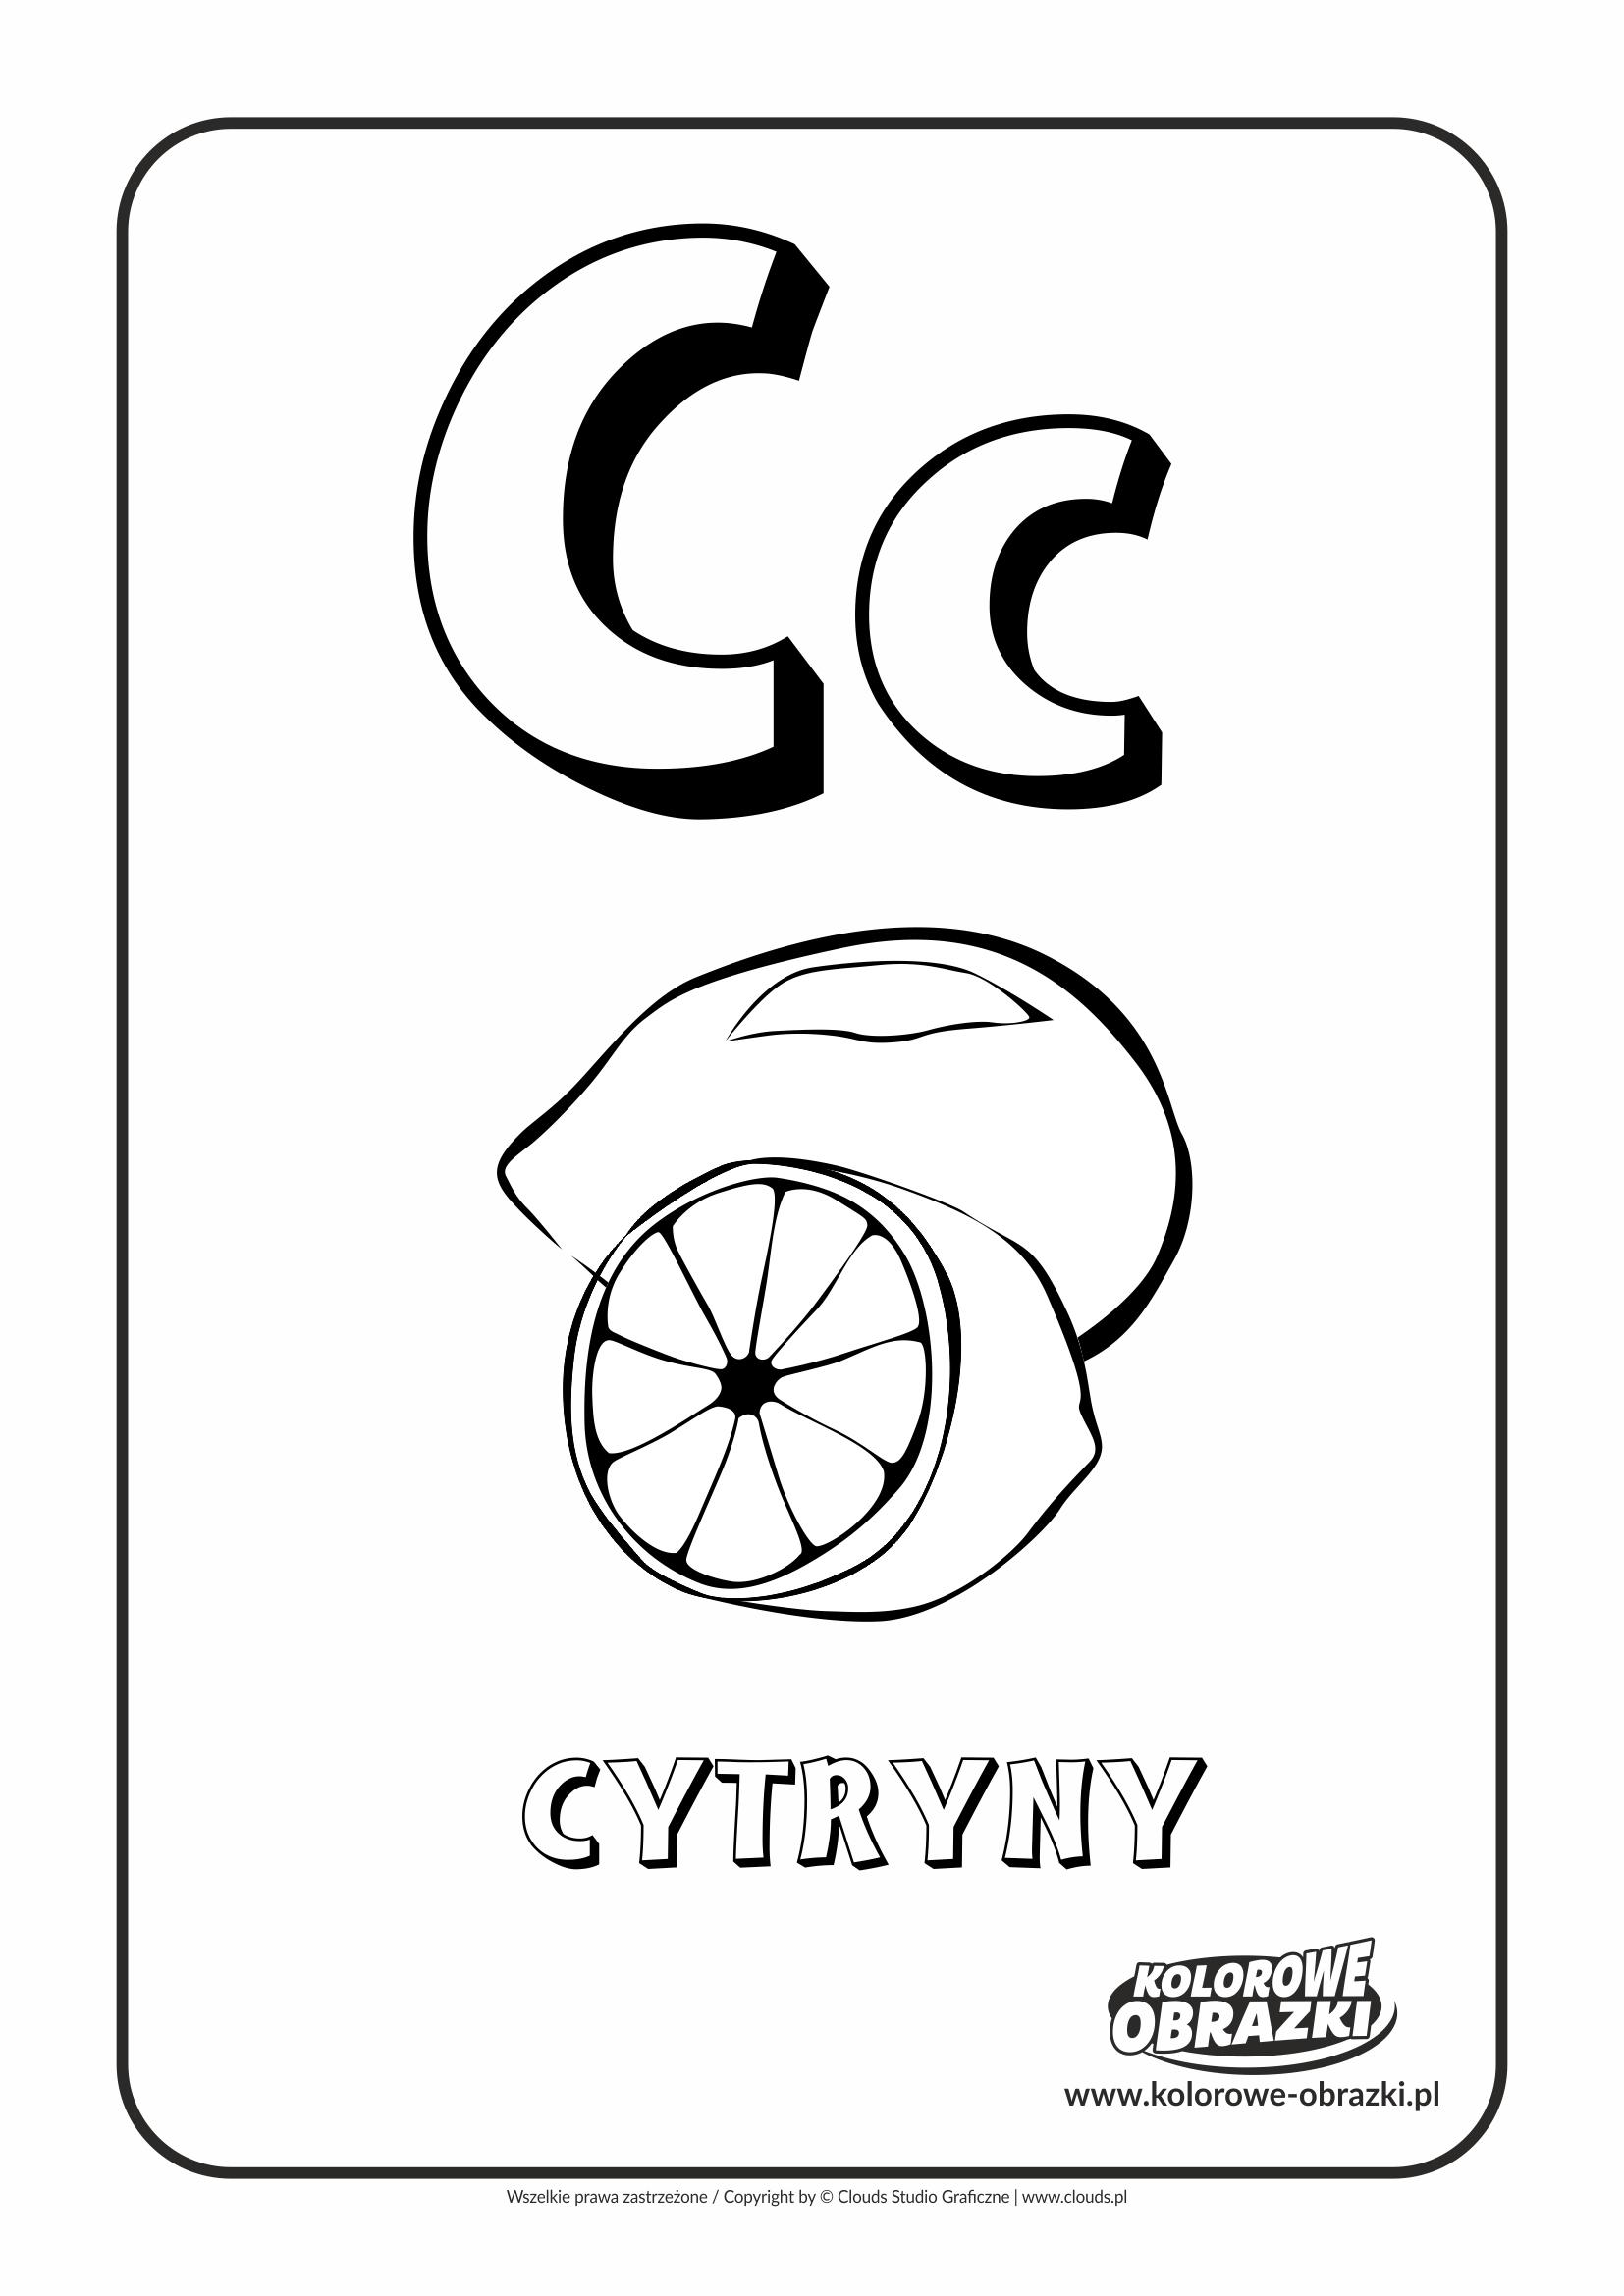 Kolorowanki dla dzieci - Litery / Litera C. Kolorowanka z literą C